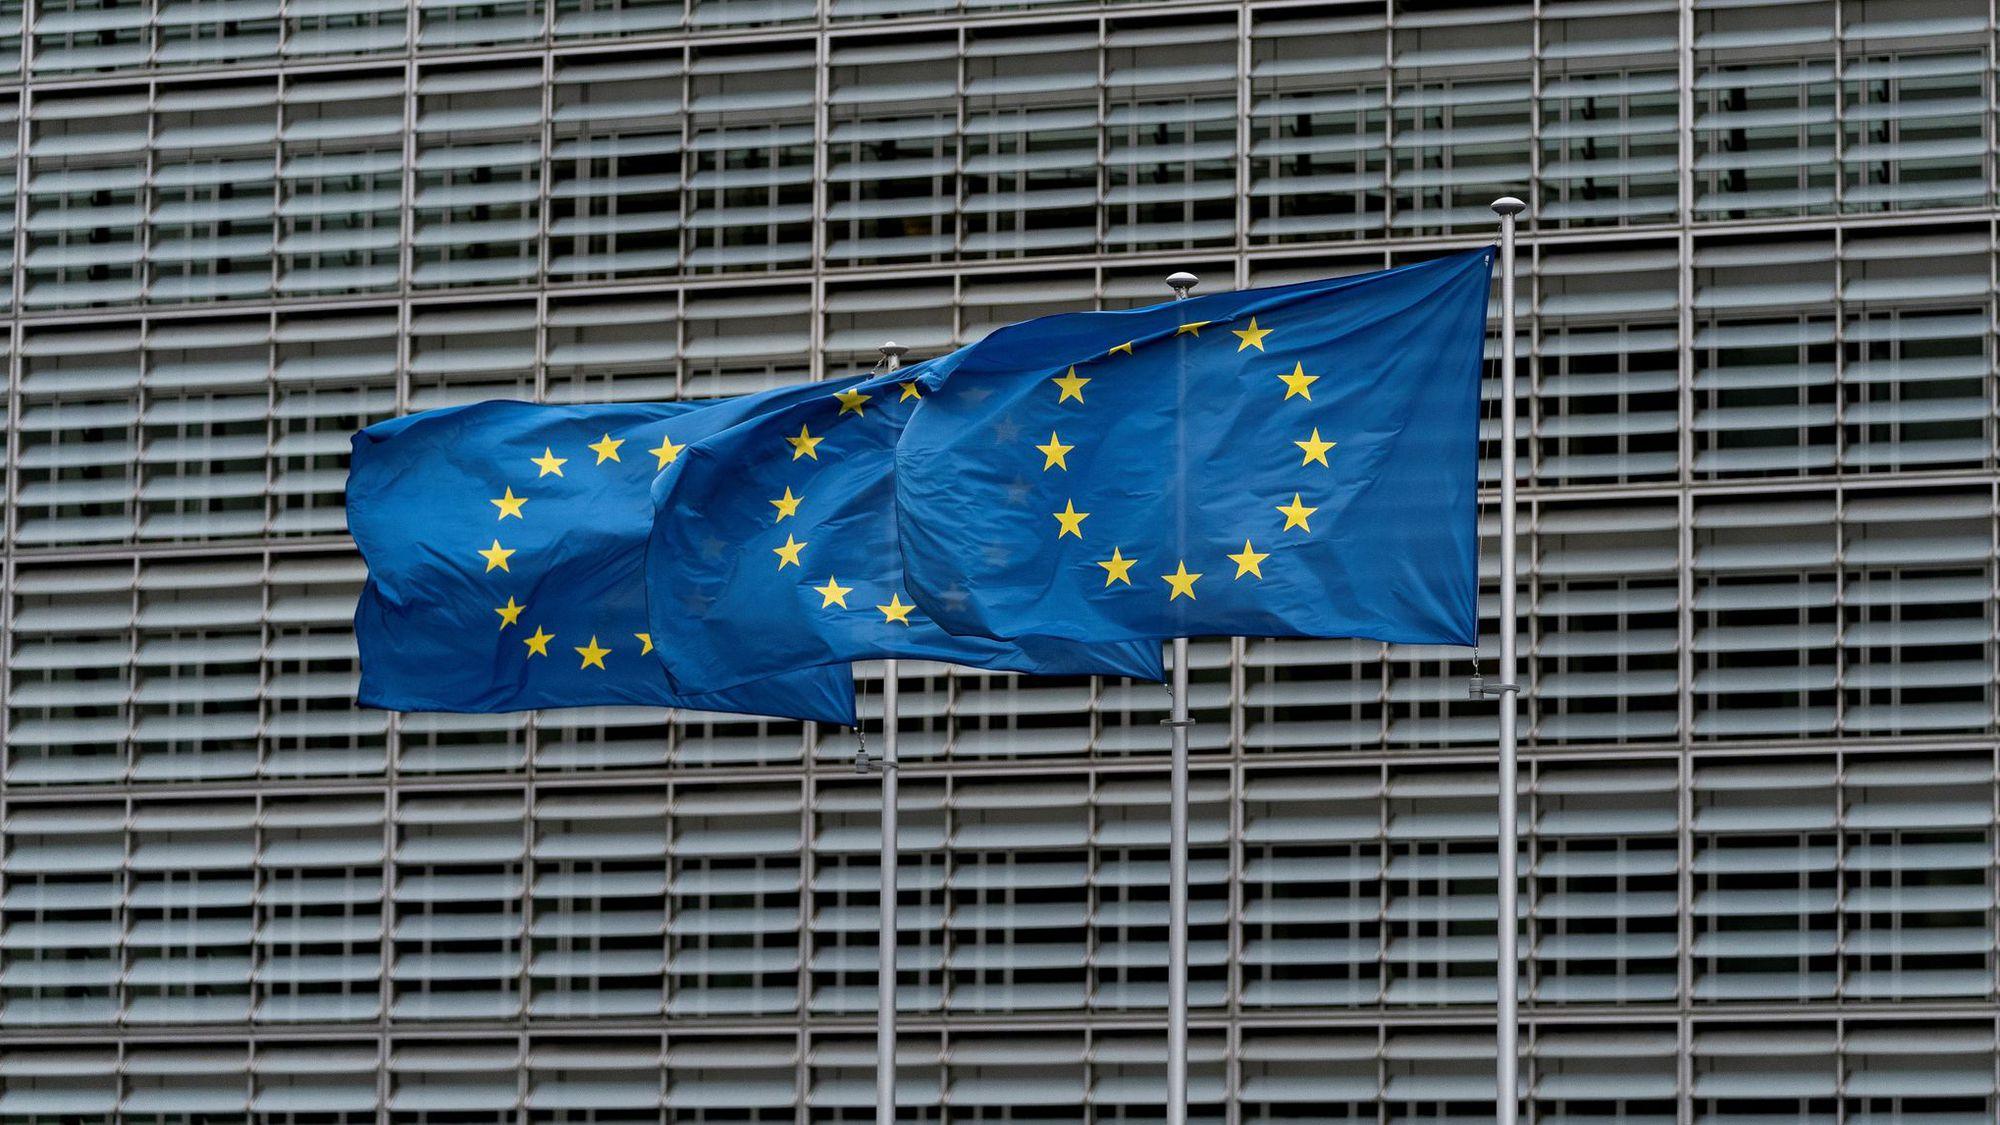 des-drapeaux-de-l-union-europeenne-devant-le-siege-de-la-commission-europeenne-a-bruxelles-le-16-octobre-2019_6222824